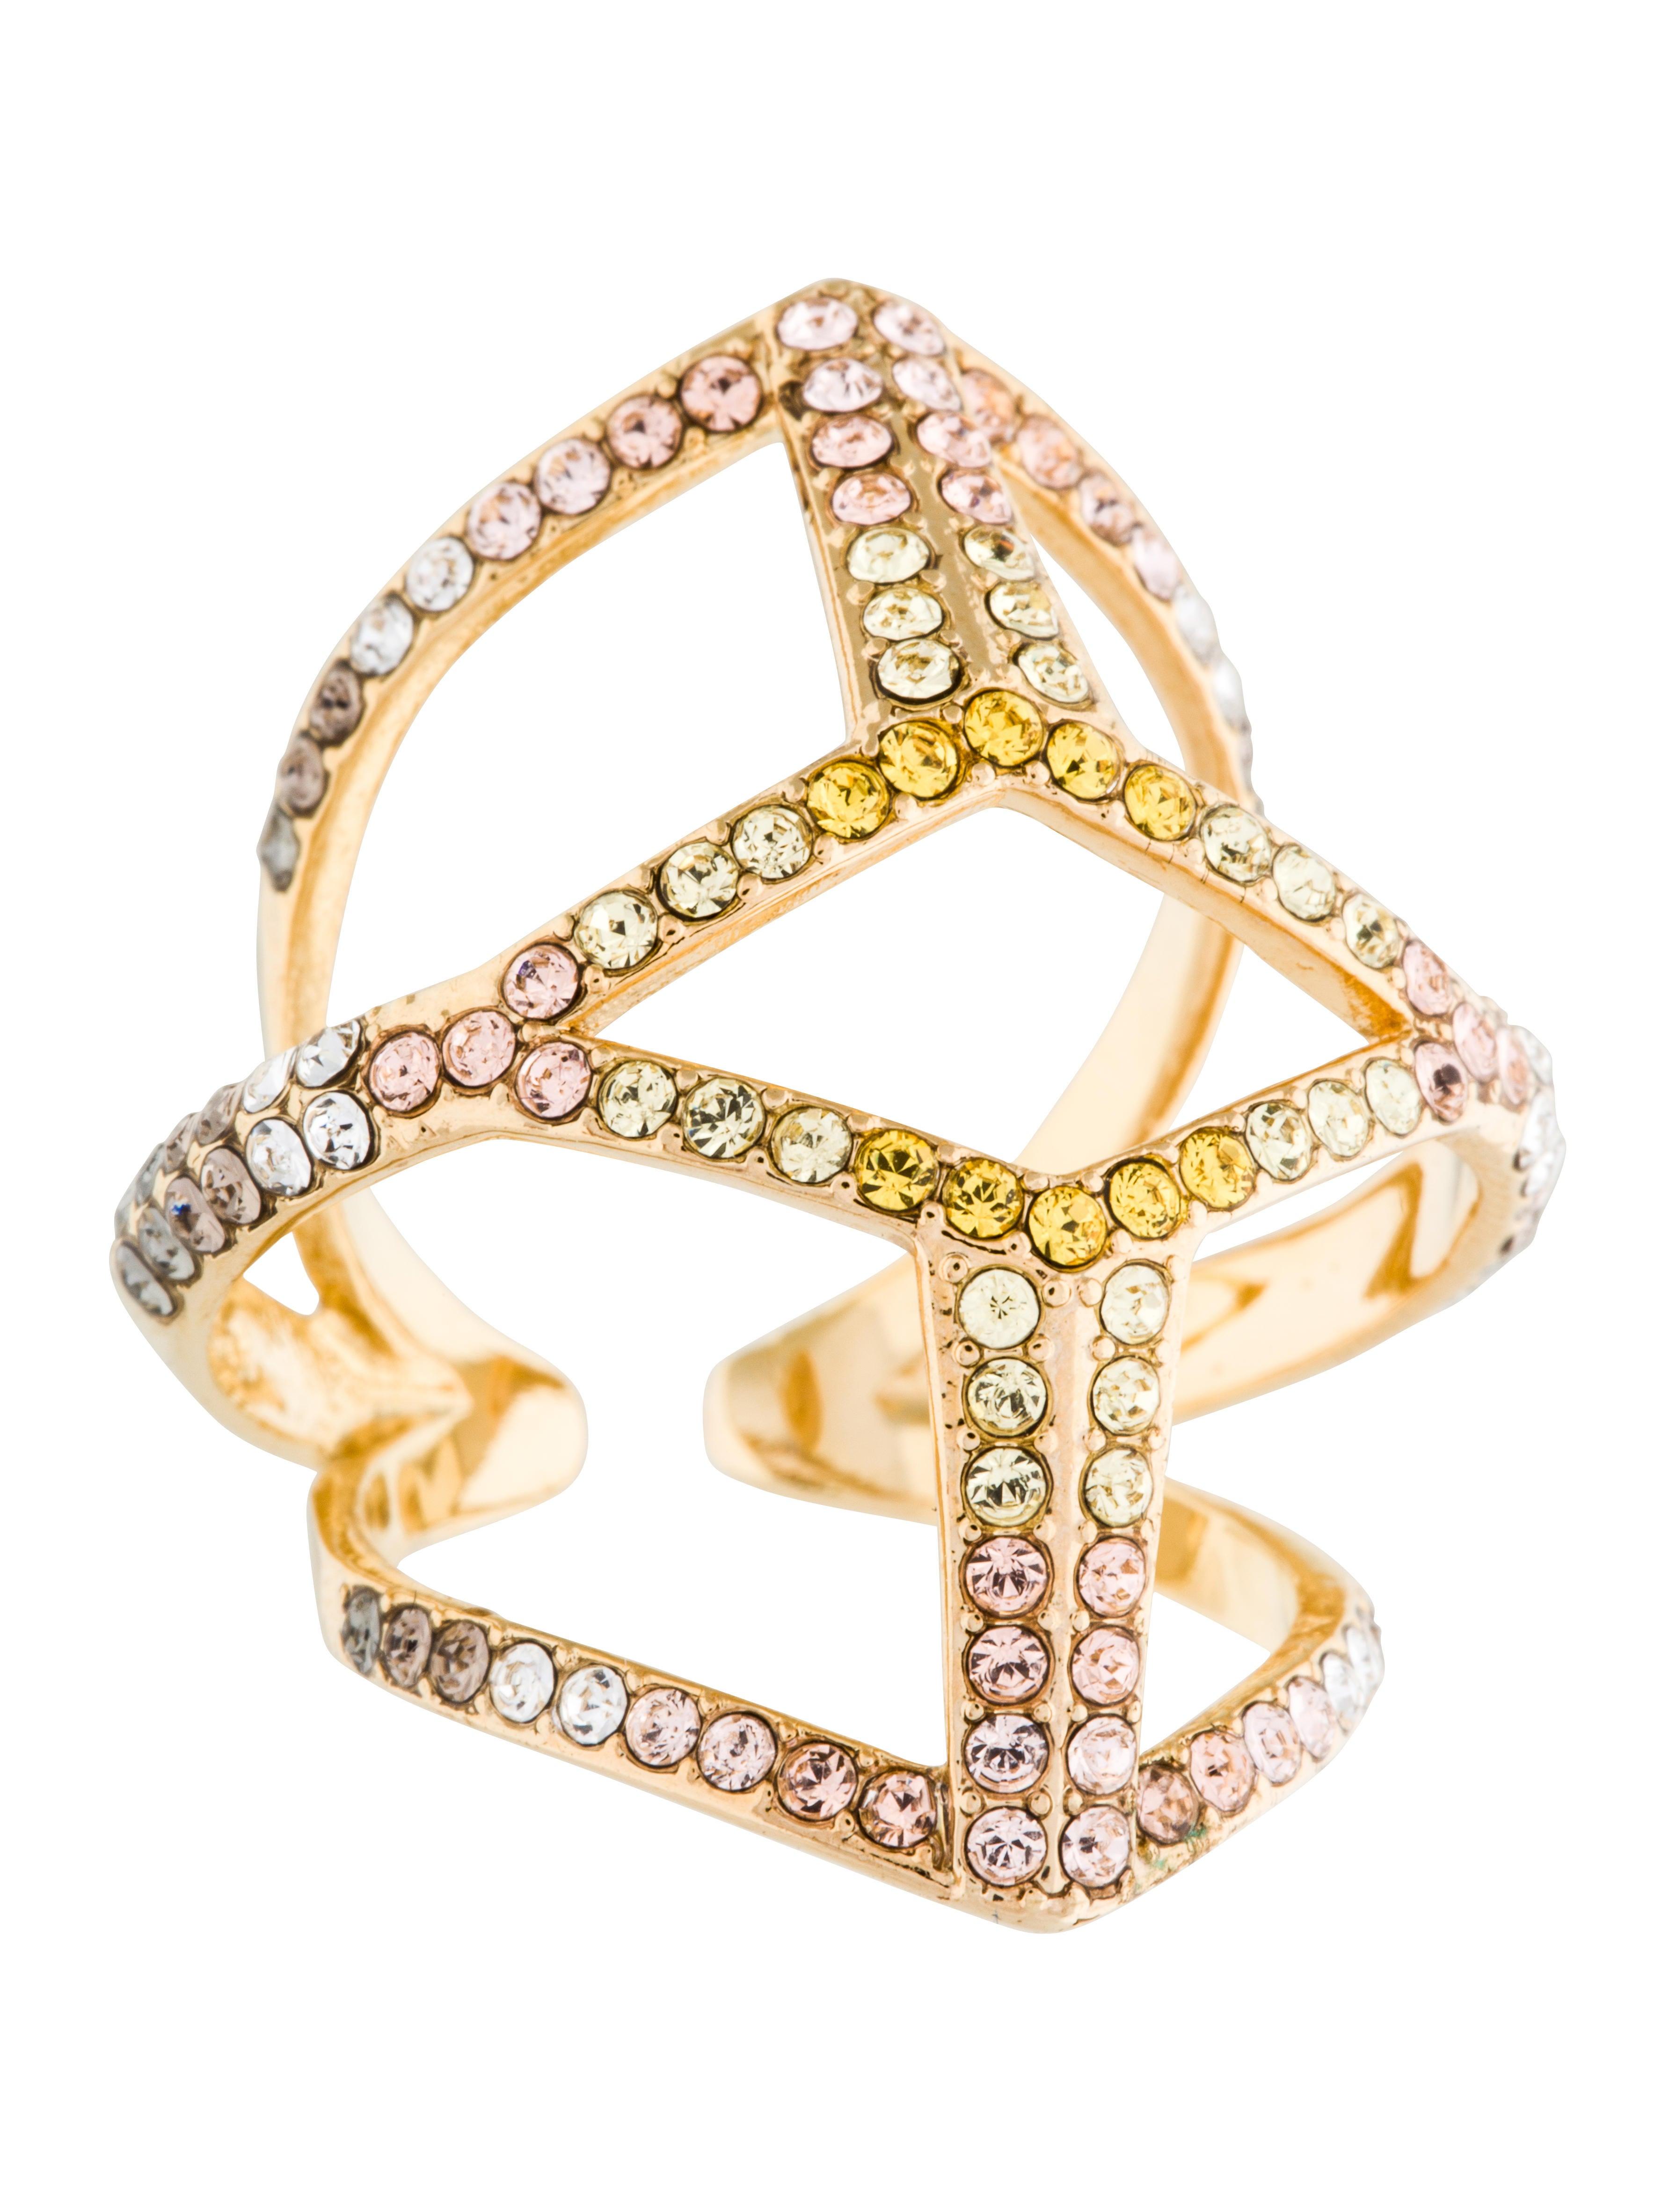 Eddie Borgo Ring Size